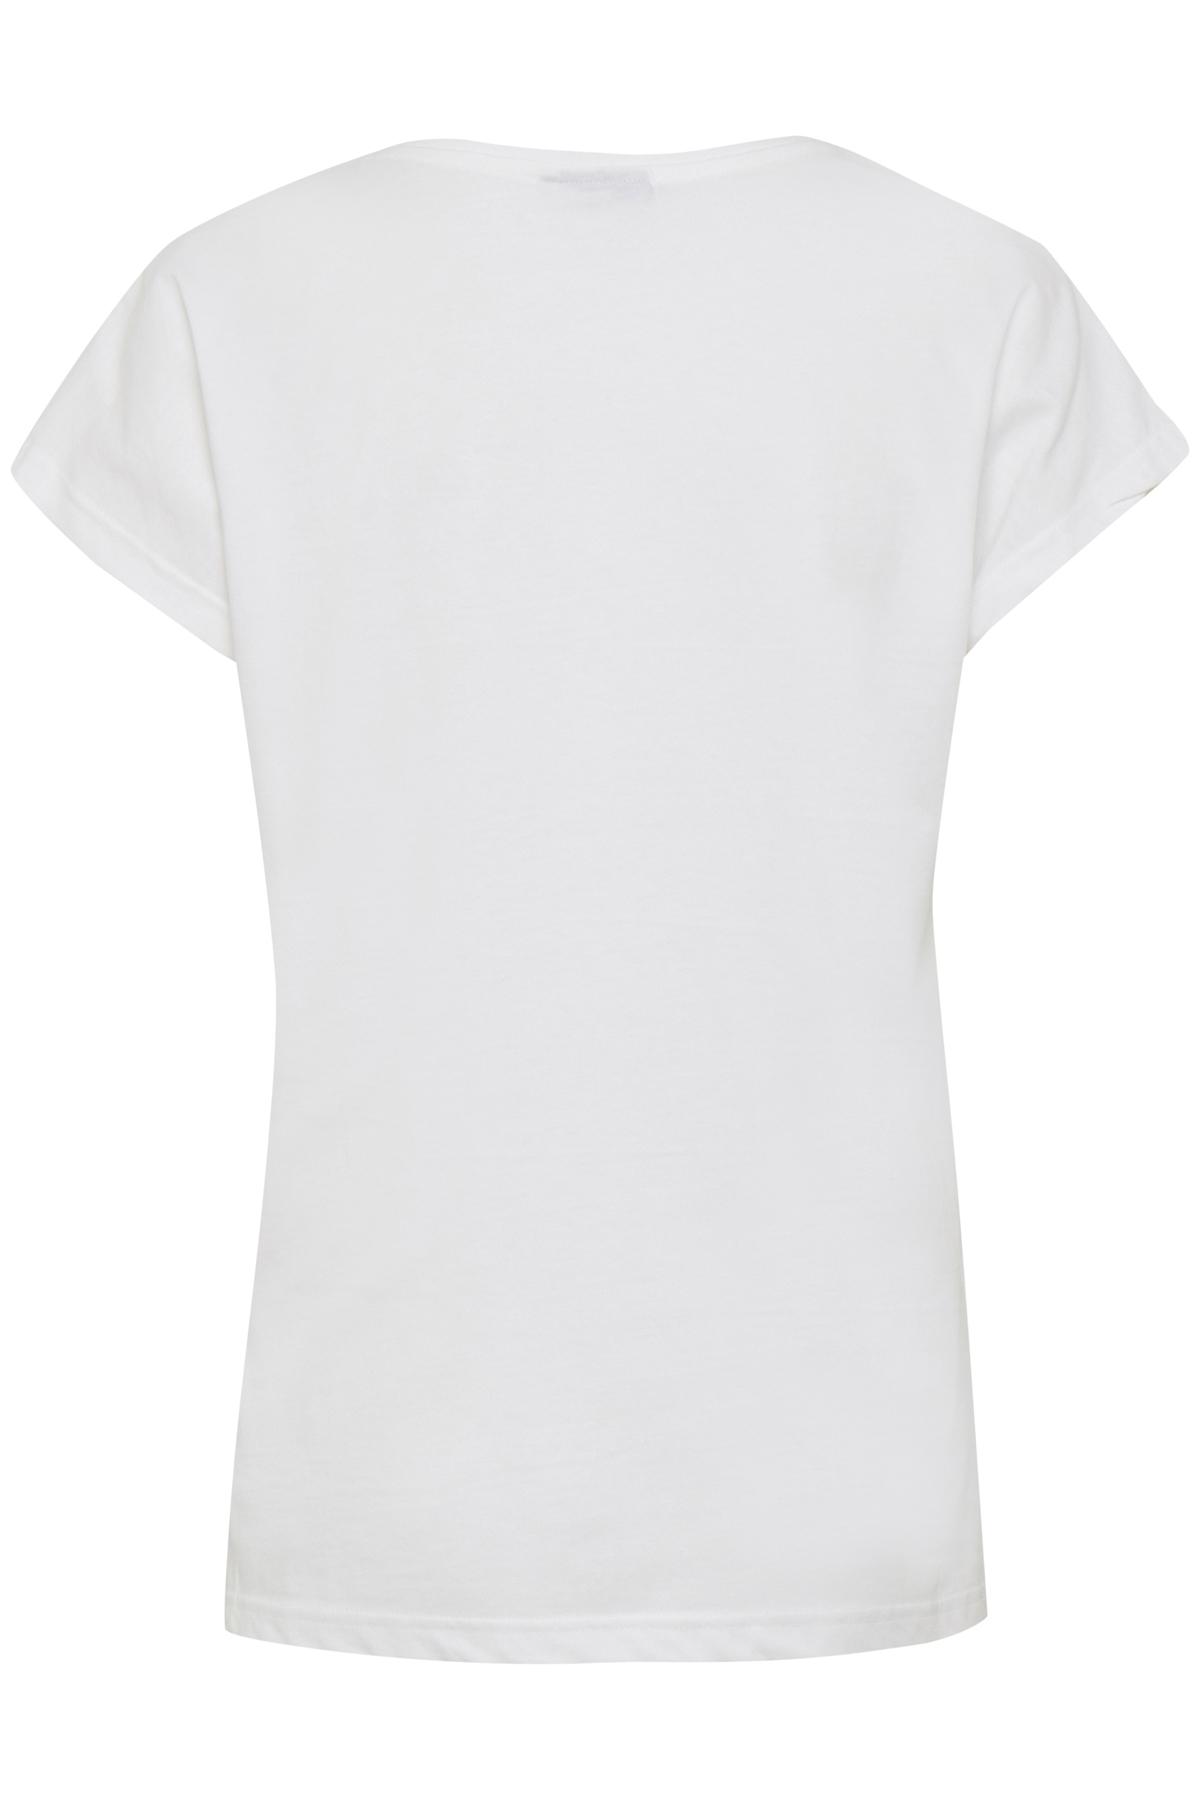 COMBI 1 Kurzarm-Bluse von b.young – Kaufen Sie COMBI 1 Kurzarm-Bluse aus Größe XS-XXL hier